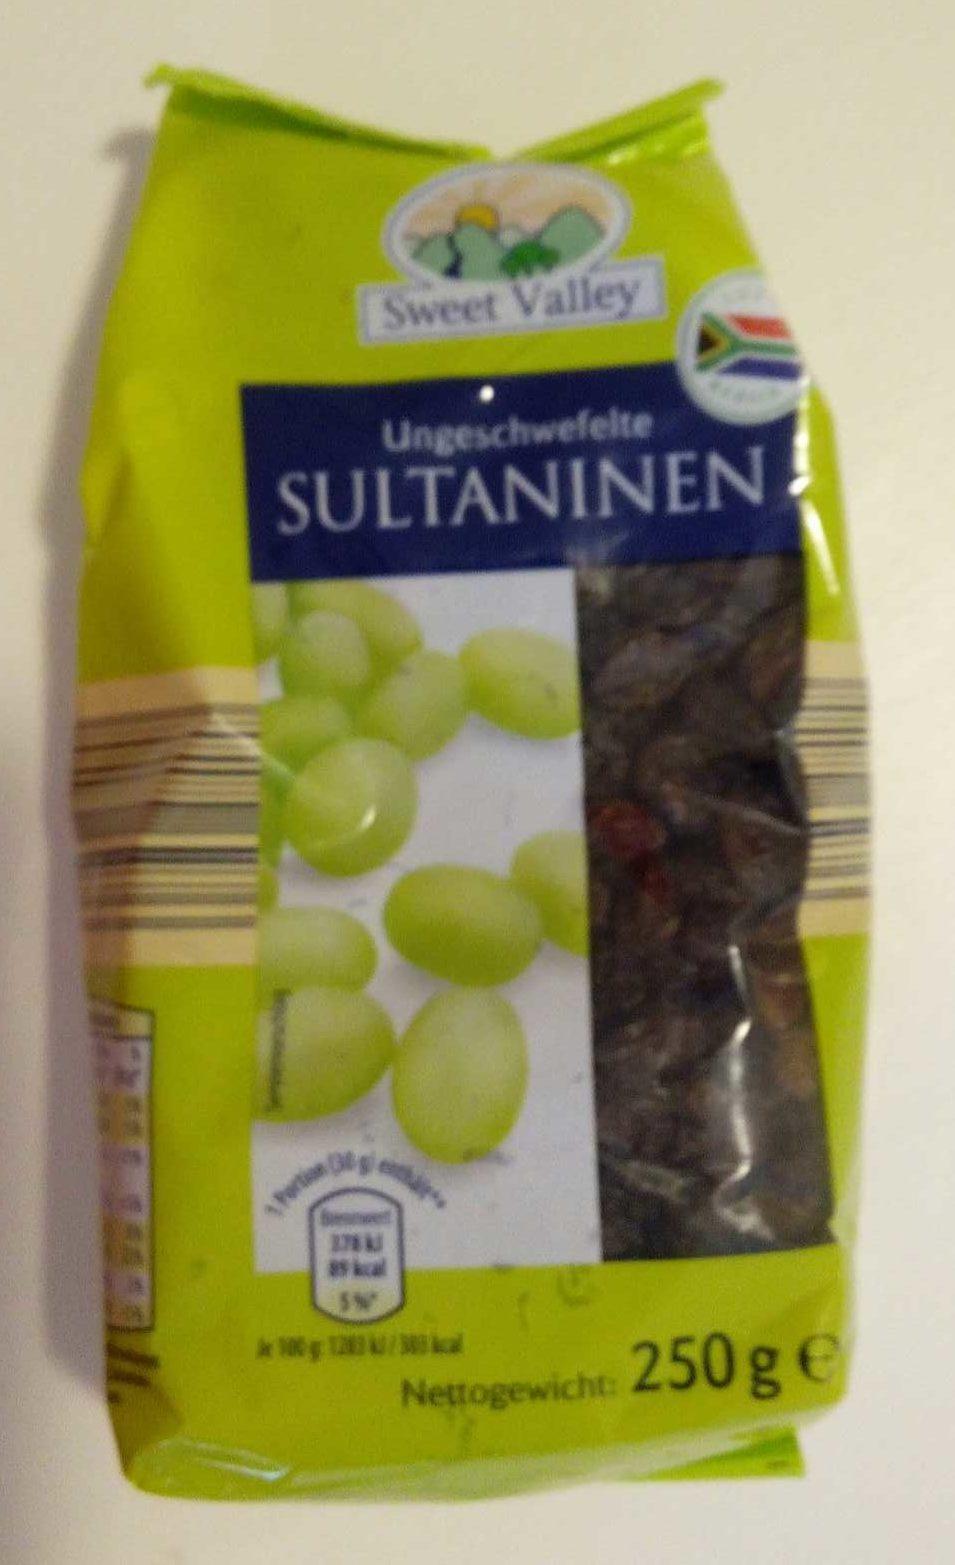 Ungeschwefelte Sultaninen - Product - de